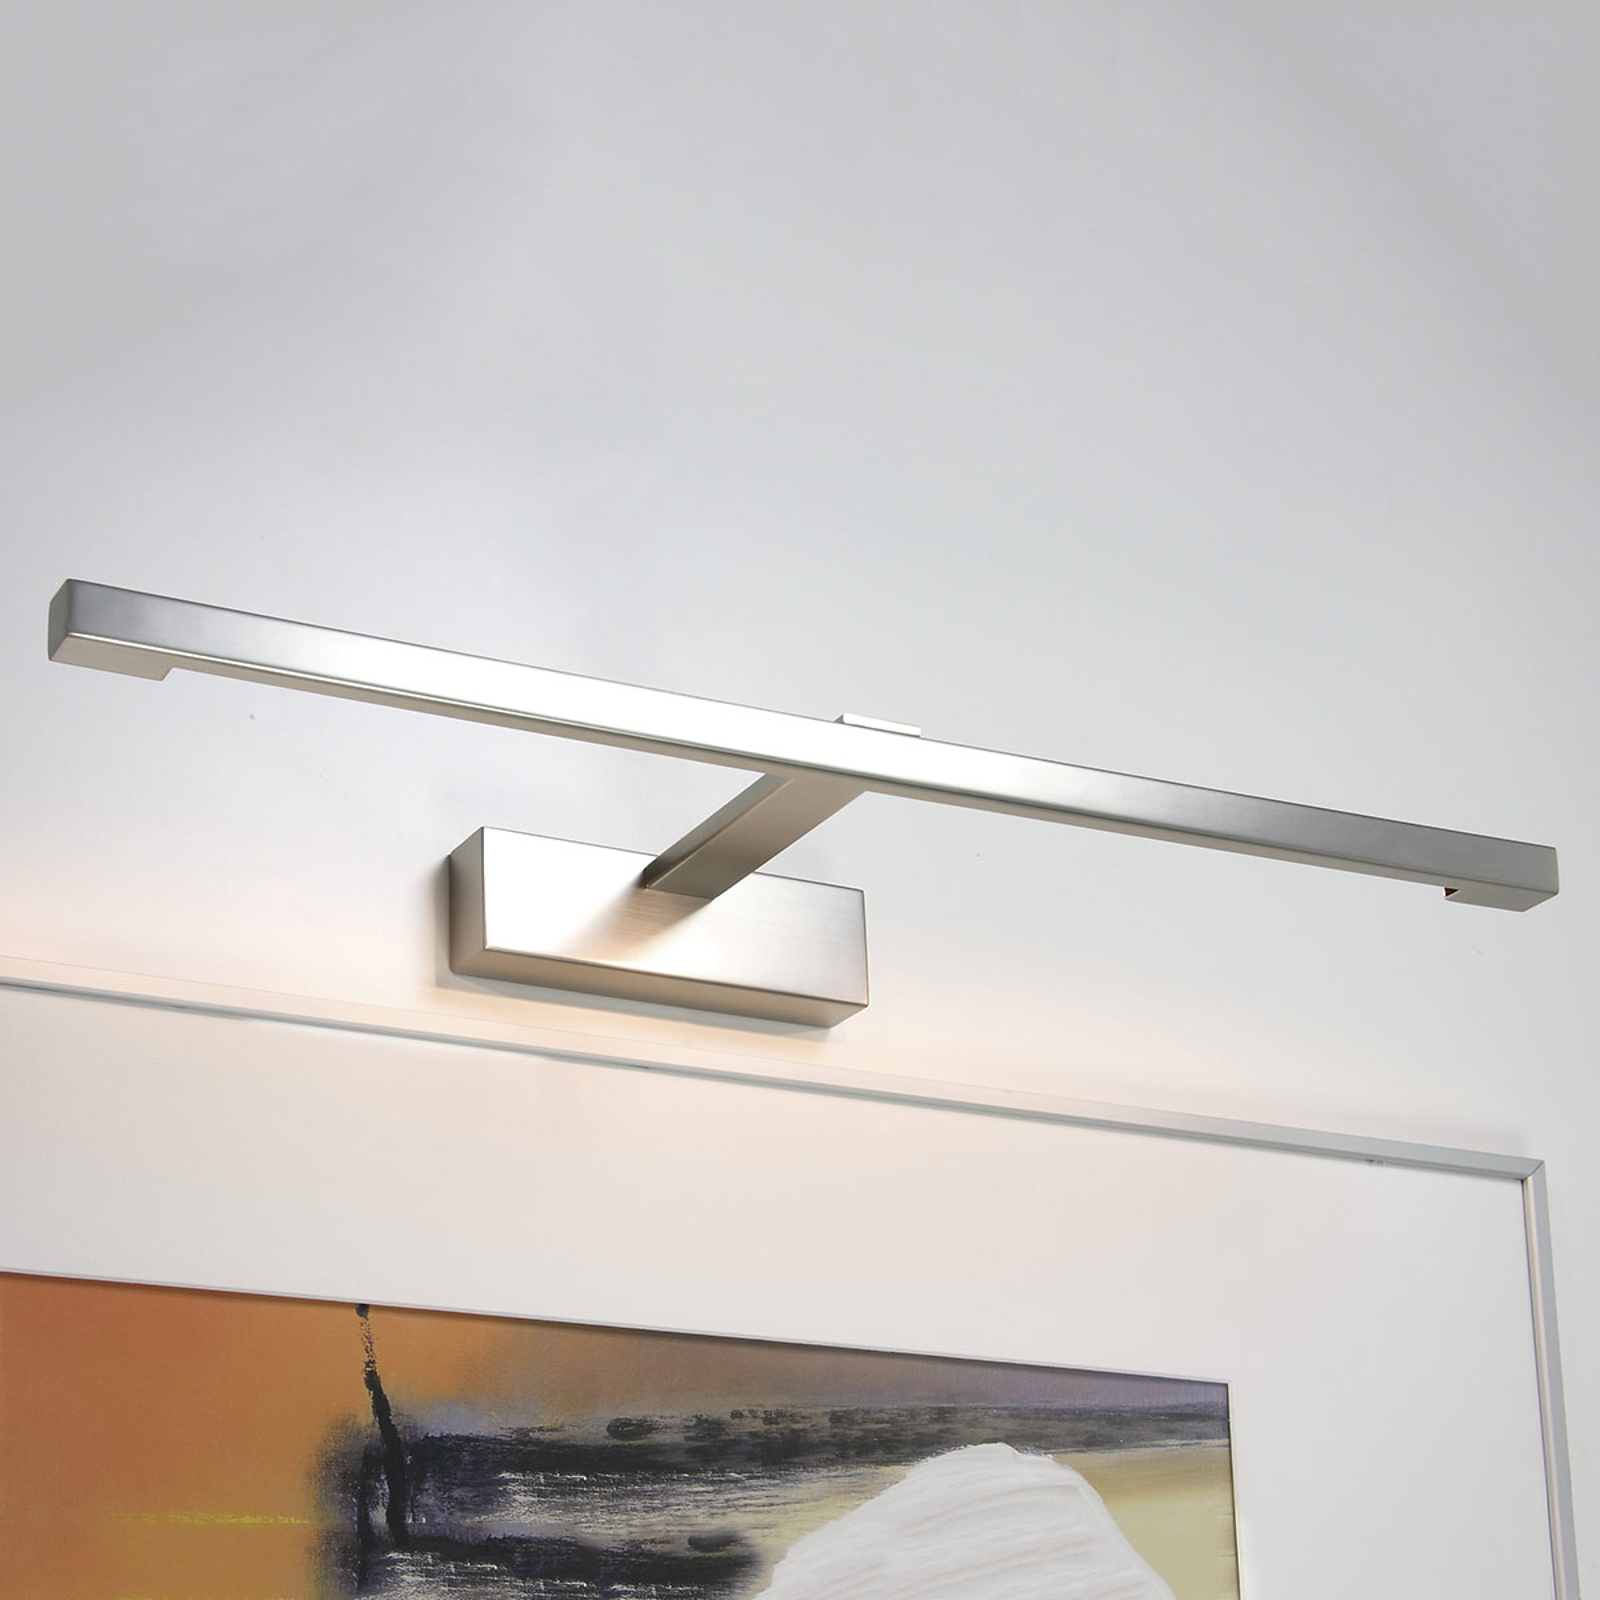 Moderne TEETOO 550 bildebelysning i nikkel med 12V